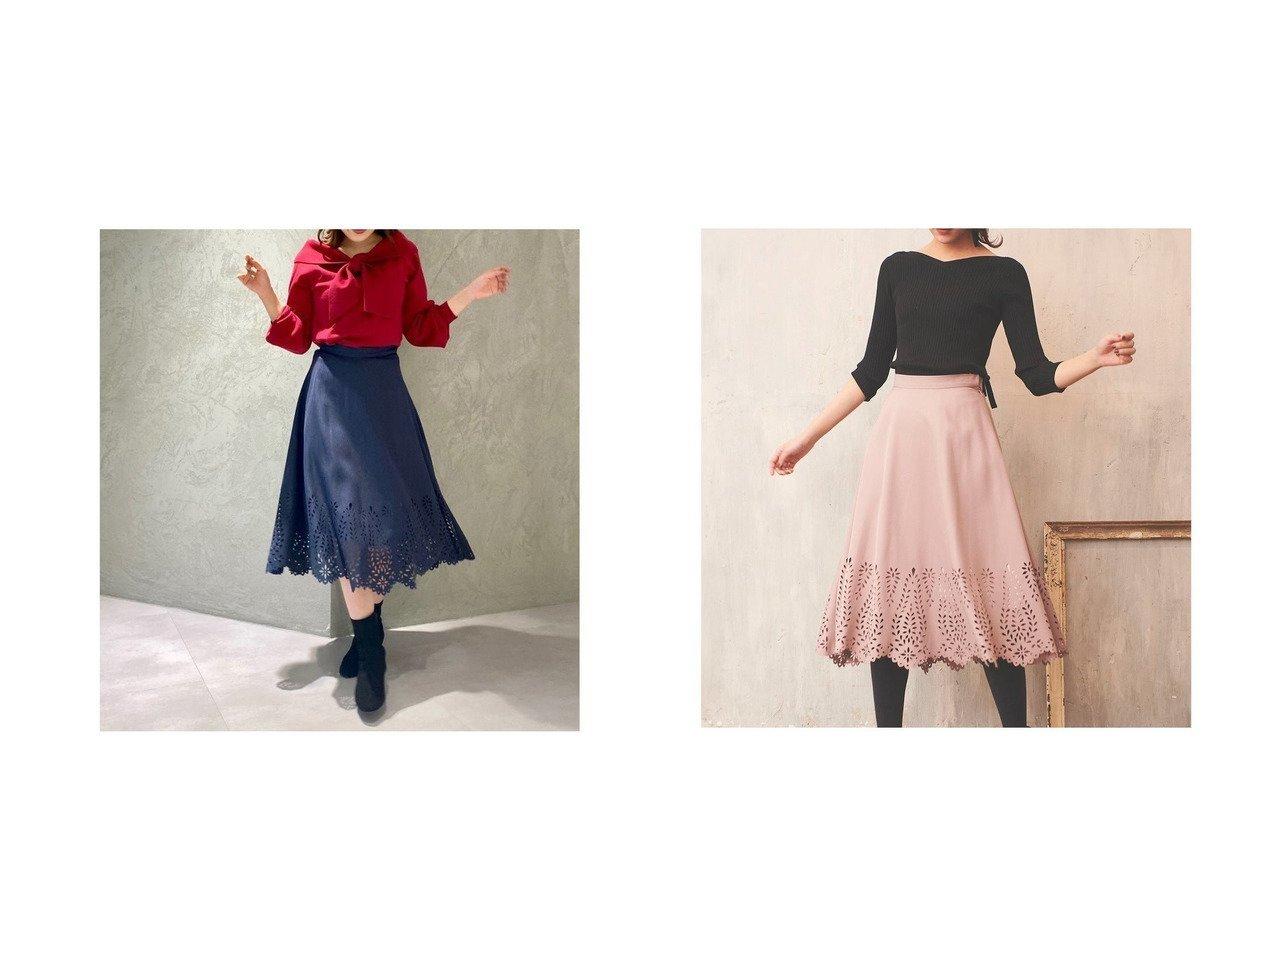 【31 Sons de mode/トランテアン ソン ドゥ モード】の【スカート】ヒートカットフレアスカート スカートのおすすめ!人気、レディースファッションの通販 おすすめで人気のファッション通販商品 インテリア・家具・キッズファッション・メンズファッション・レディースファッション・服の通販 founy(ファニー) https://founy.com/ ファッション Fashion レディース WOMEN スカート Skirt Aライン/フレアスカート Flared A-Line Skirts エレガント カットソー シンプル 透かし ツイル デニム トレンド ペイズリー ラッフル ラベンダー レース 冬 Winter  ID:crp329100000001521